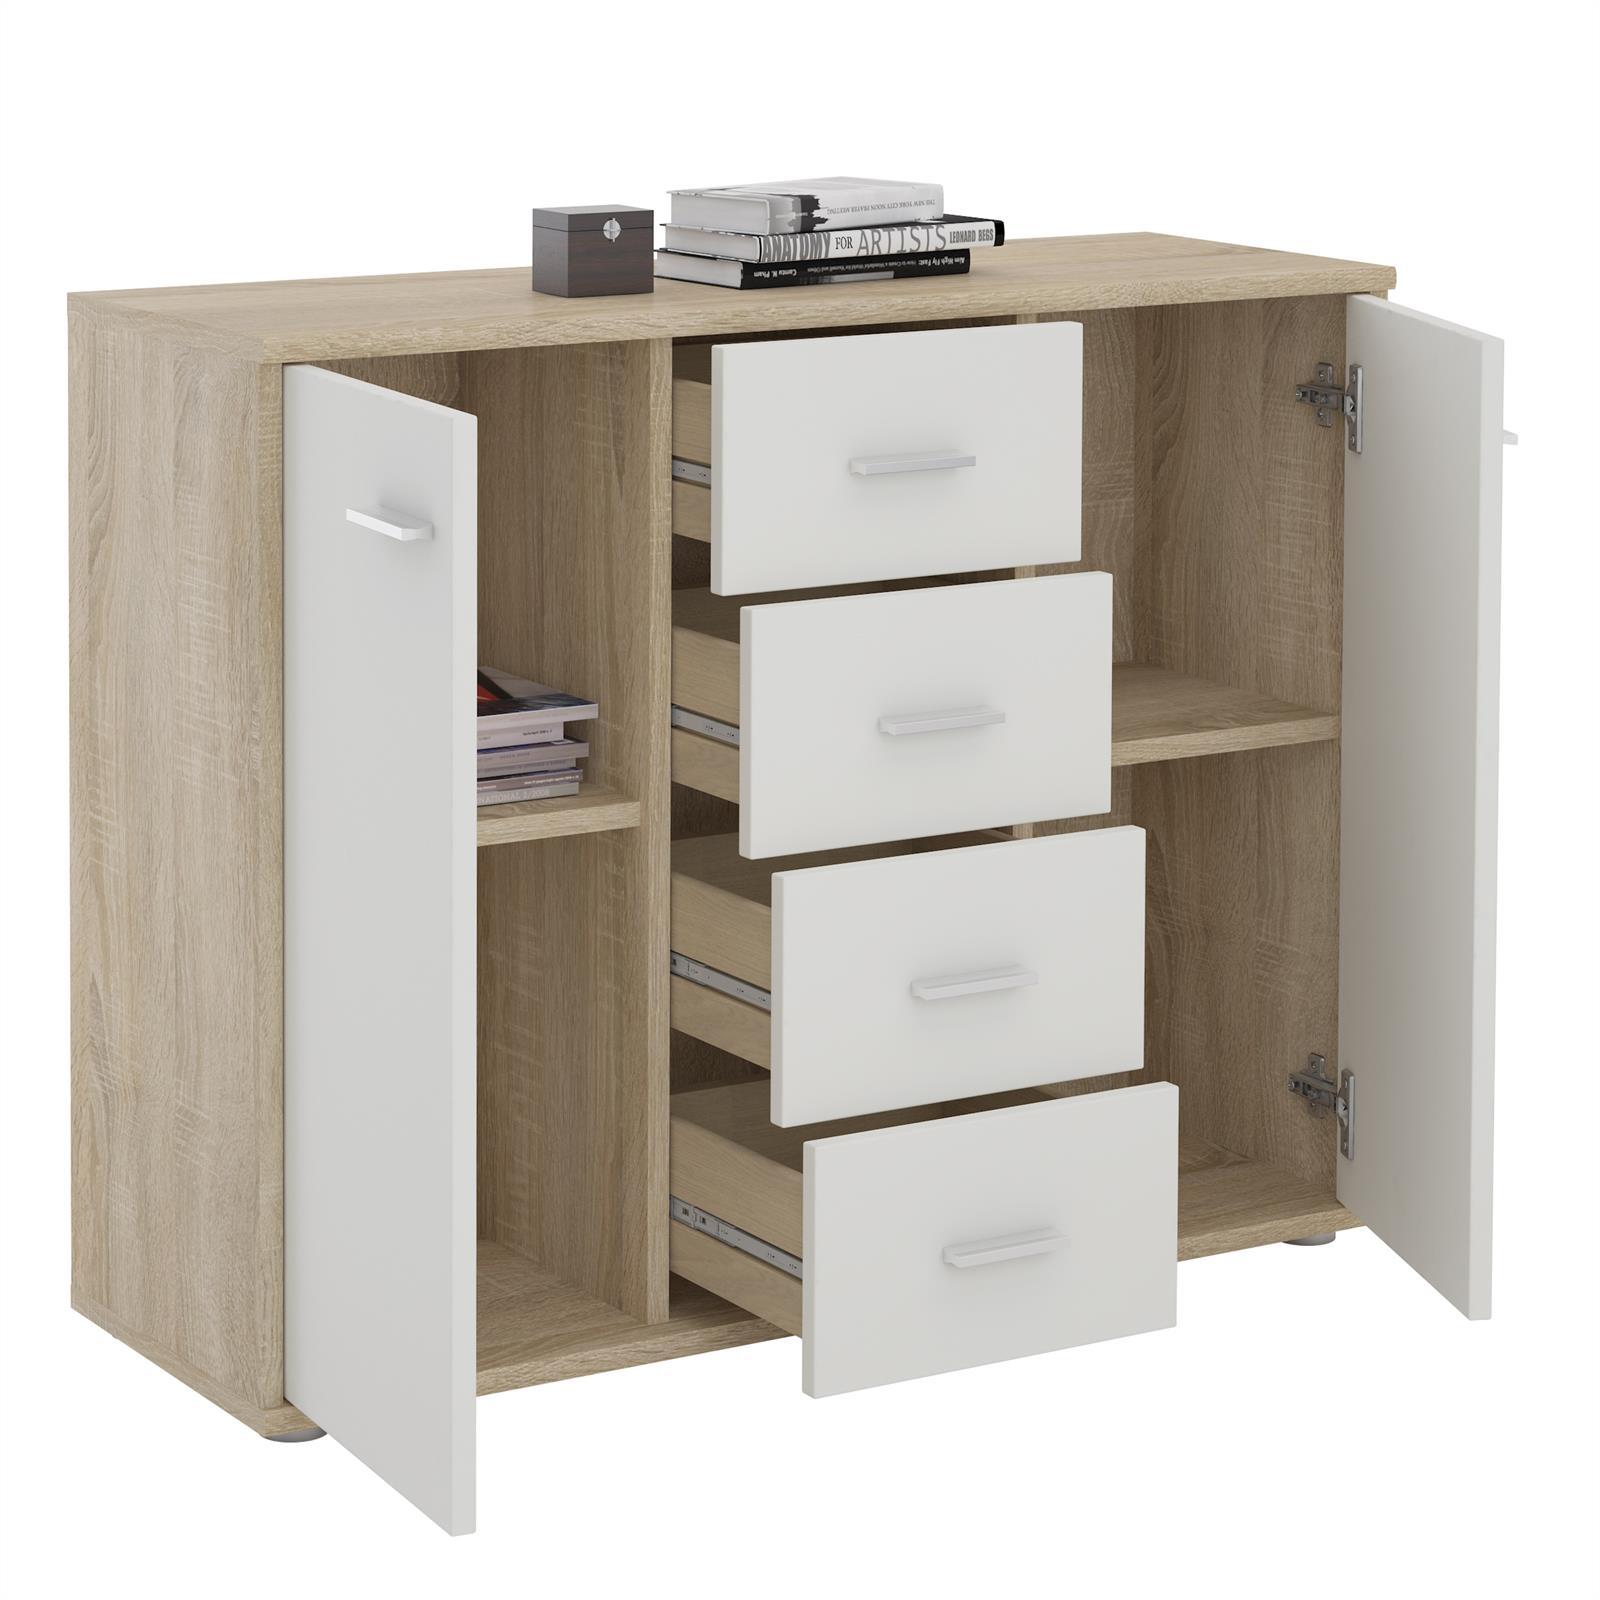 sideboard kommode mehrzweckschrank f r wohnzimmer anrichte design 2 t ren ebay. Black Bedroom Furniture Sets. Home Design Ideas